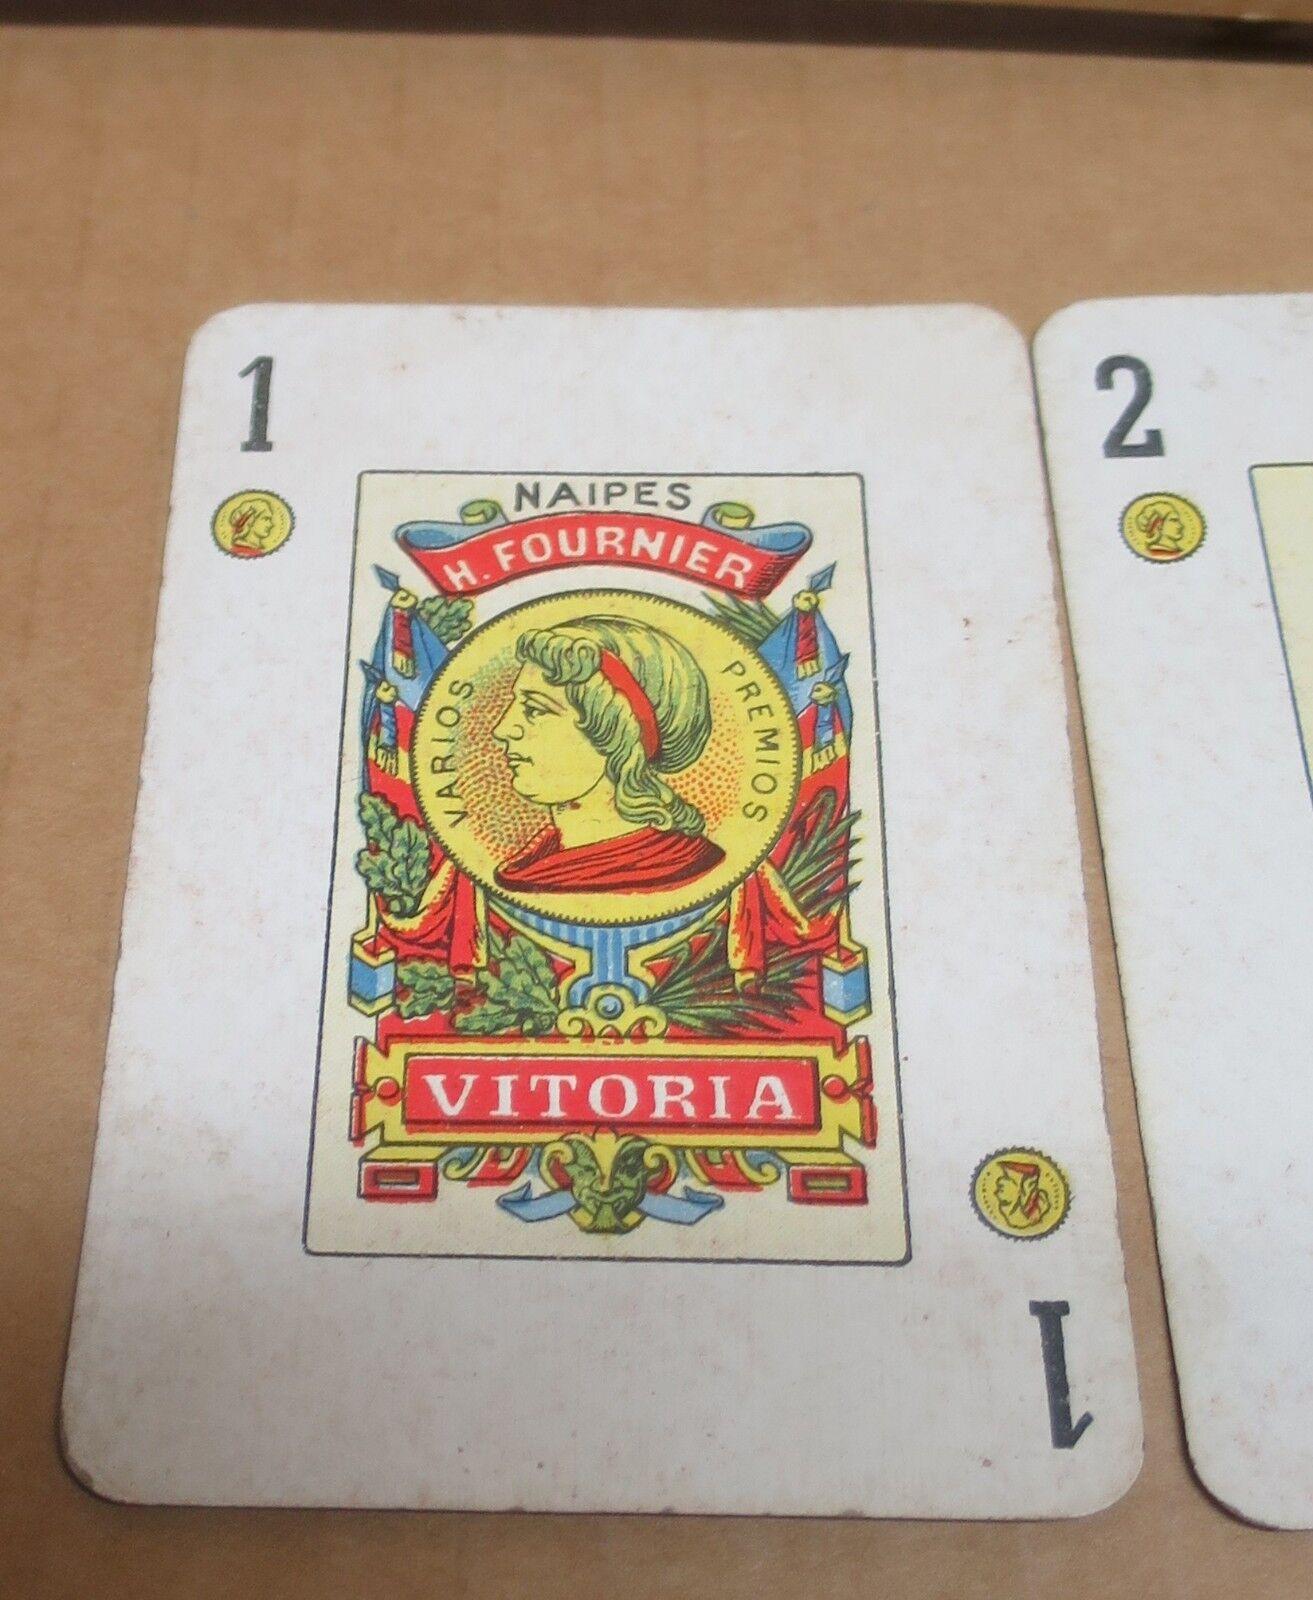 CARTES A JOUER ESPAGNE  cartes jeux de 40 cartes  + Joker à enseignes FOURNIER VITORIA 76b561